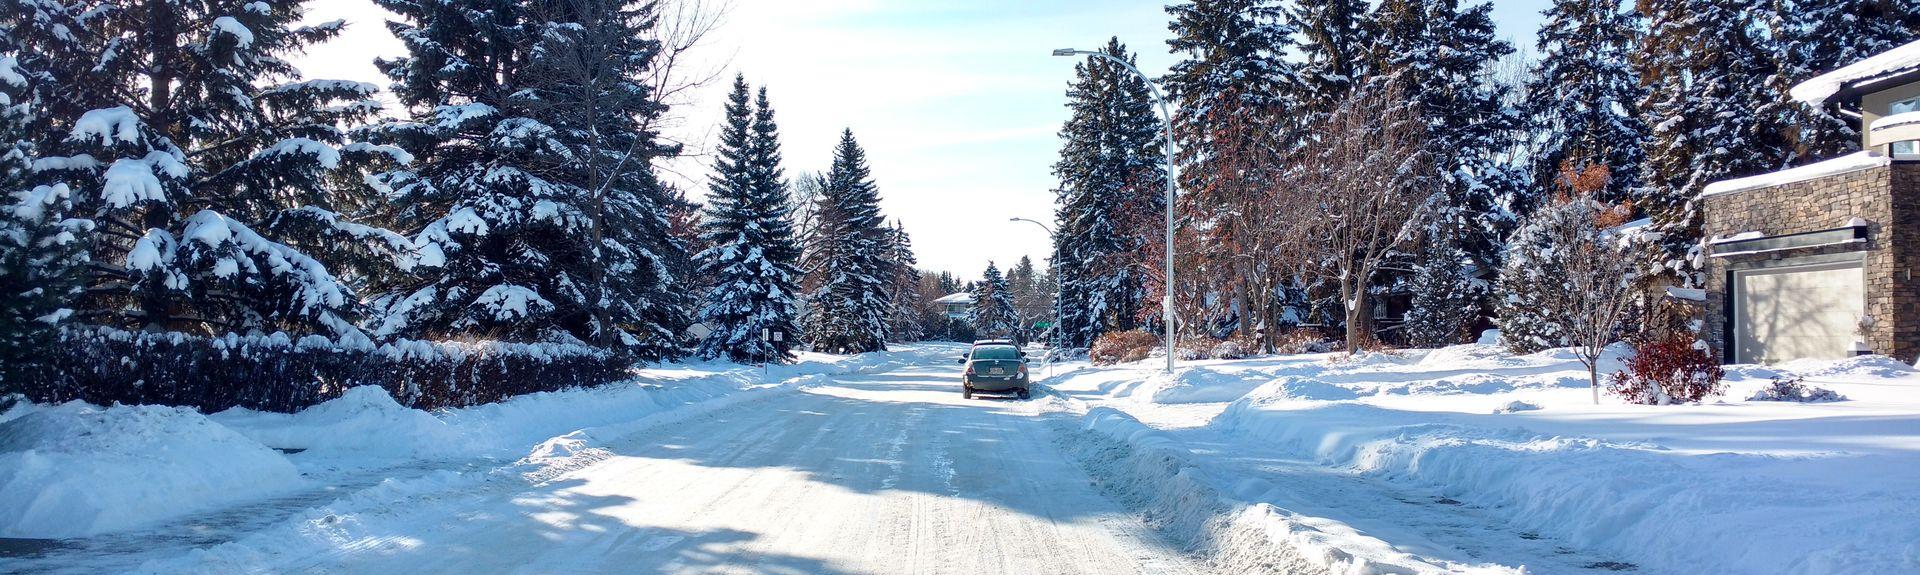 University of Alberta Hospital, Edmonton, Alberta, Canadá